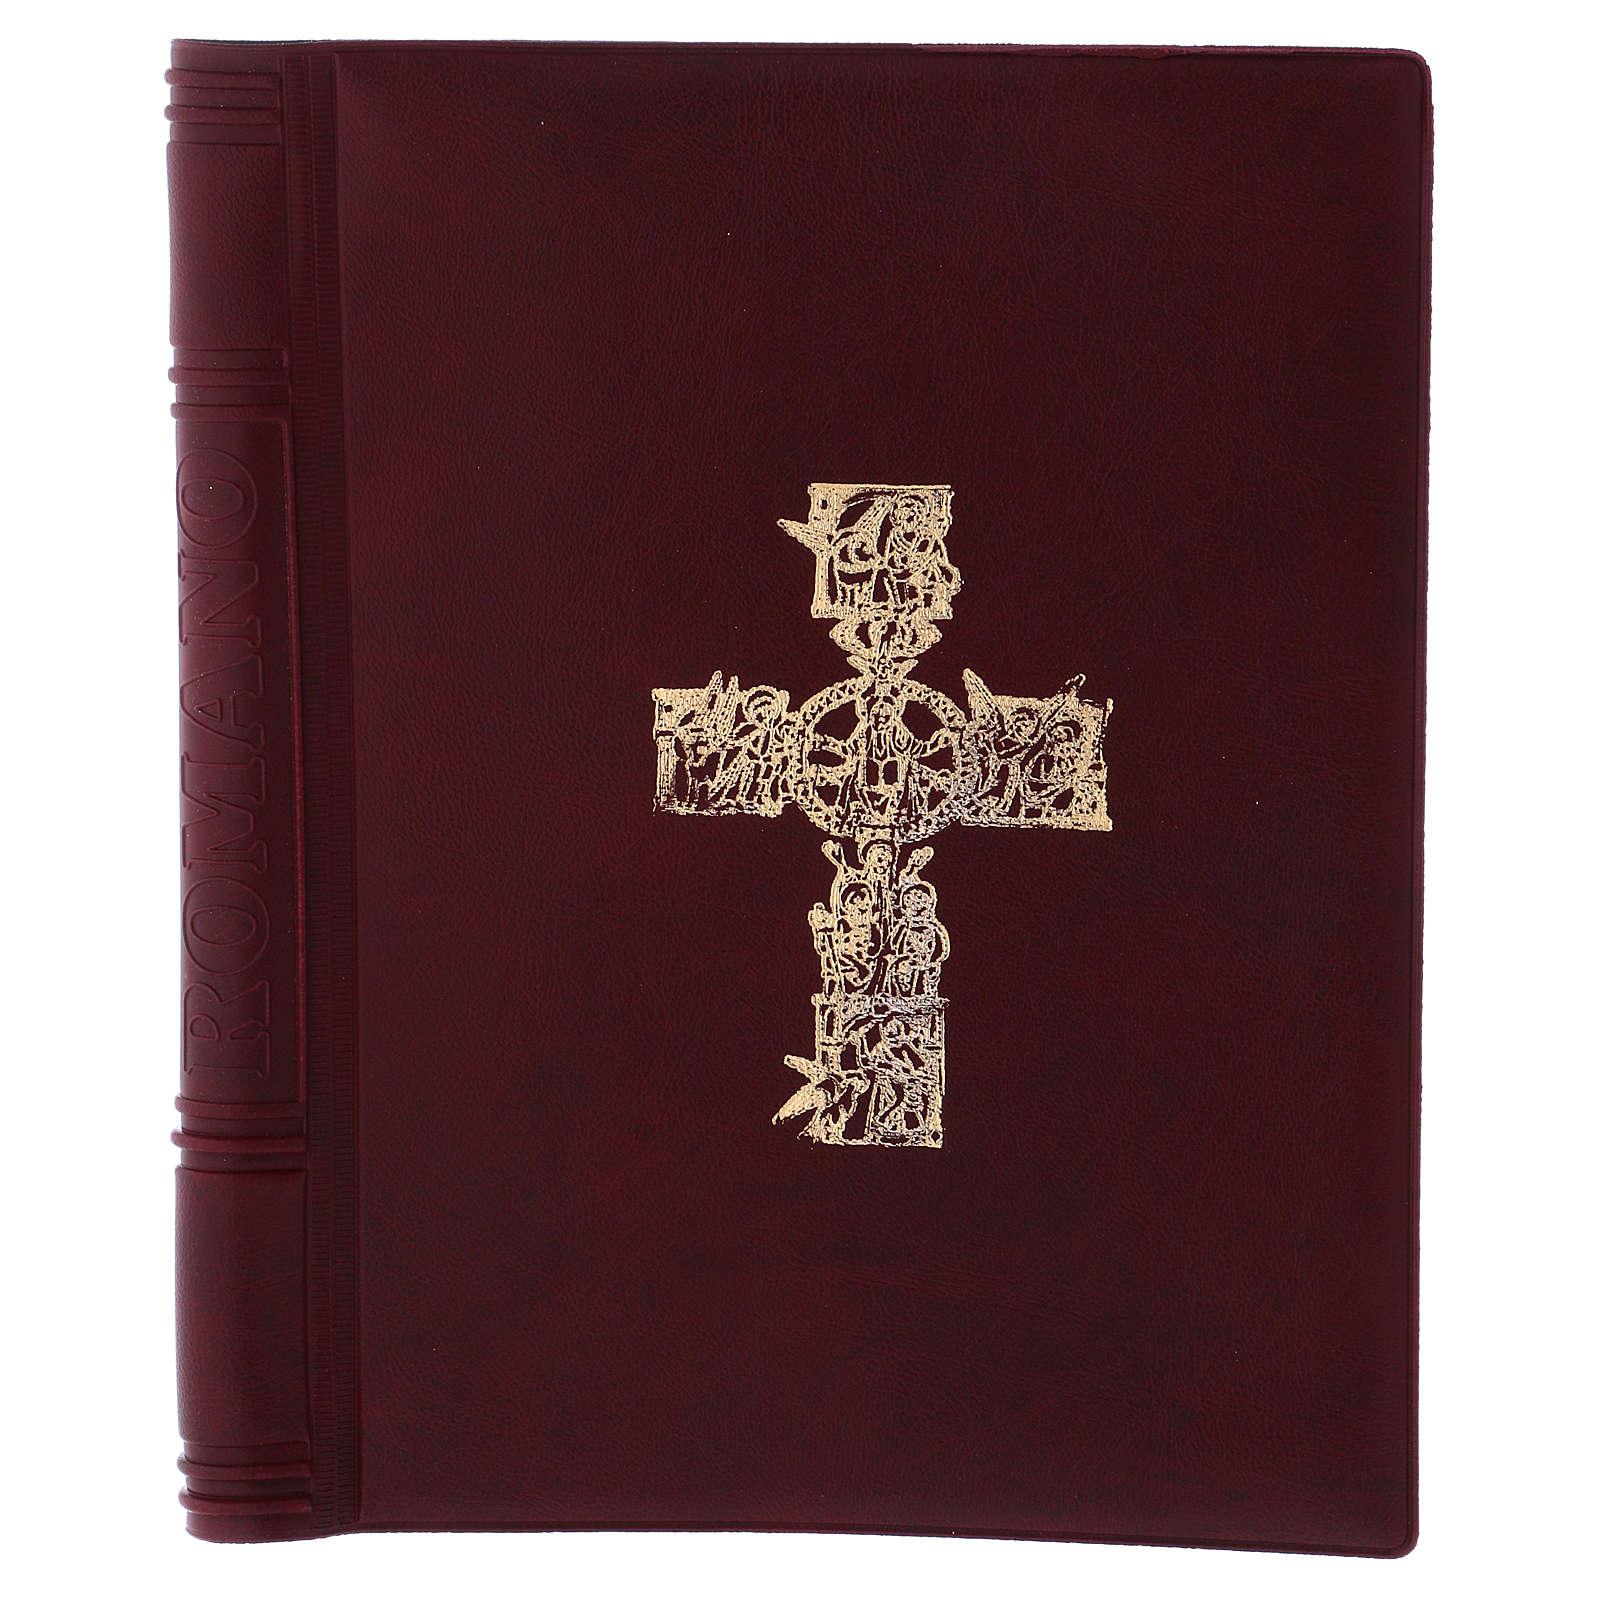 Messbuch-Einband Romano 25,5x18 cm 4